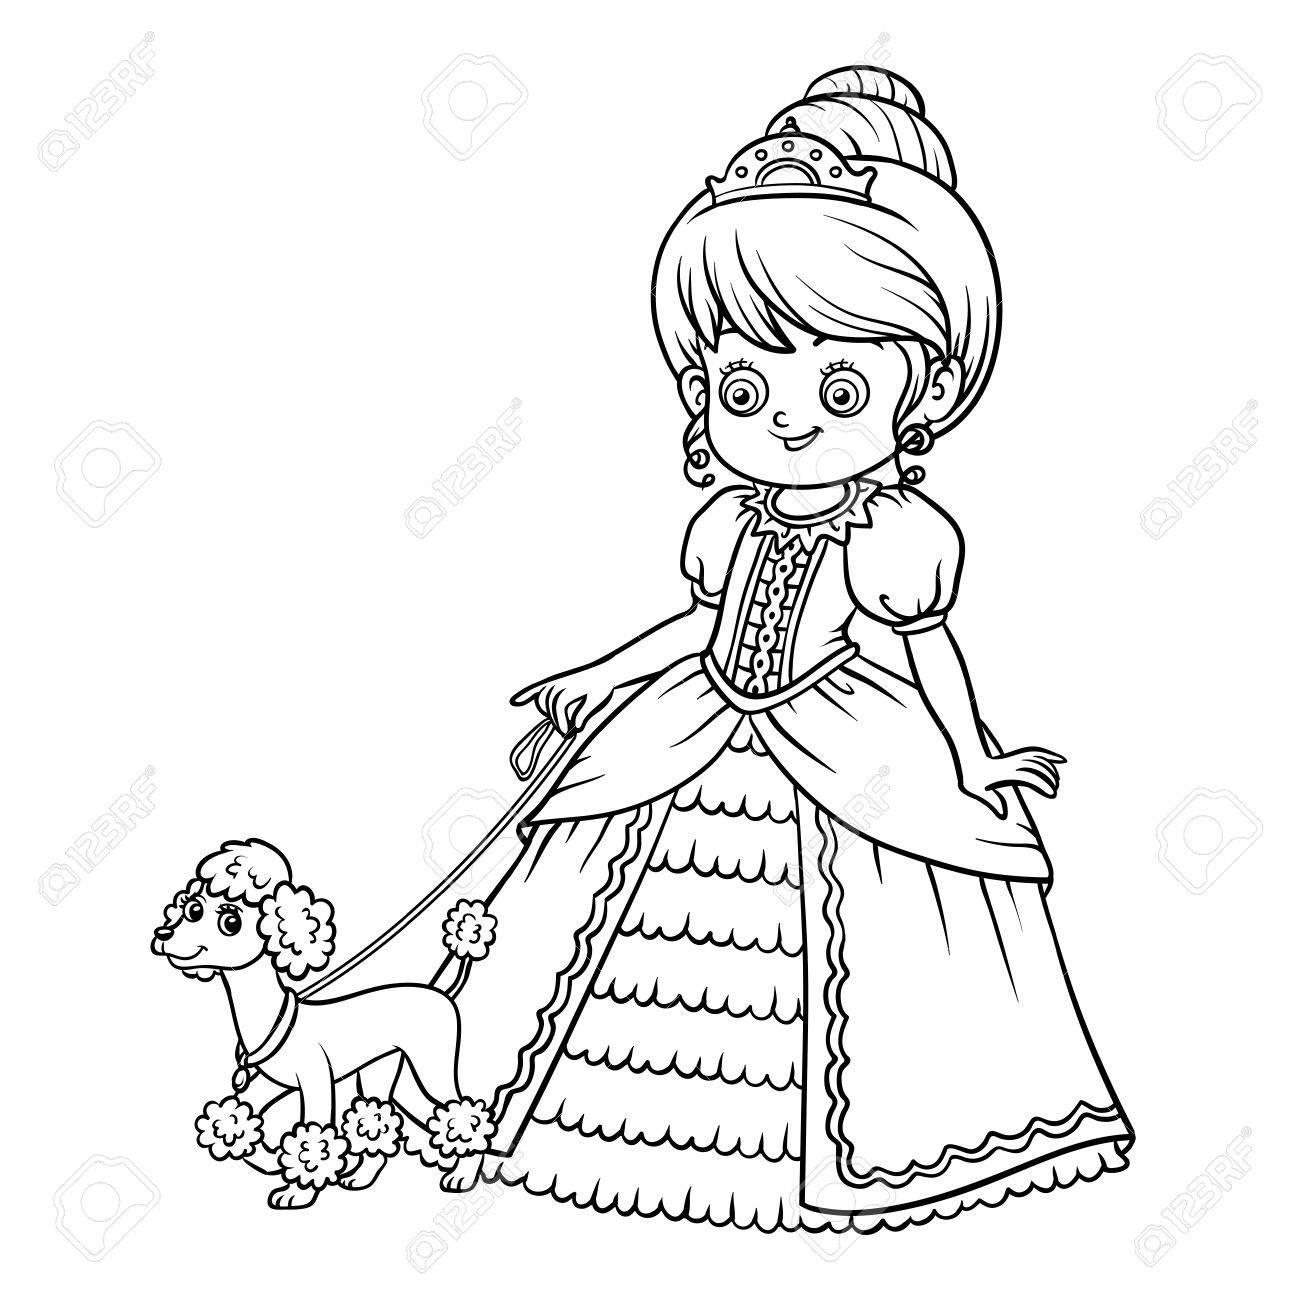 Libro Para Colorear Para Los Niños Personaje De Dibujos Animados La Princesa Con El Caniche